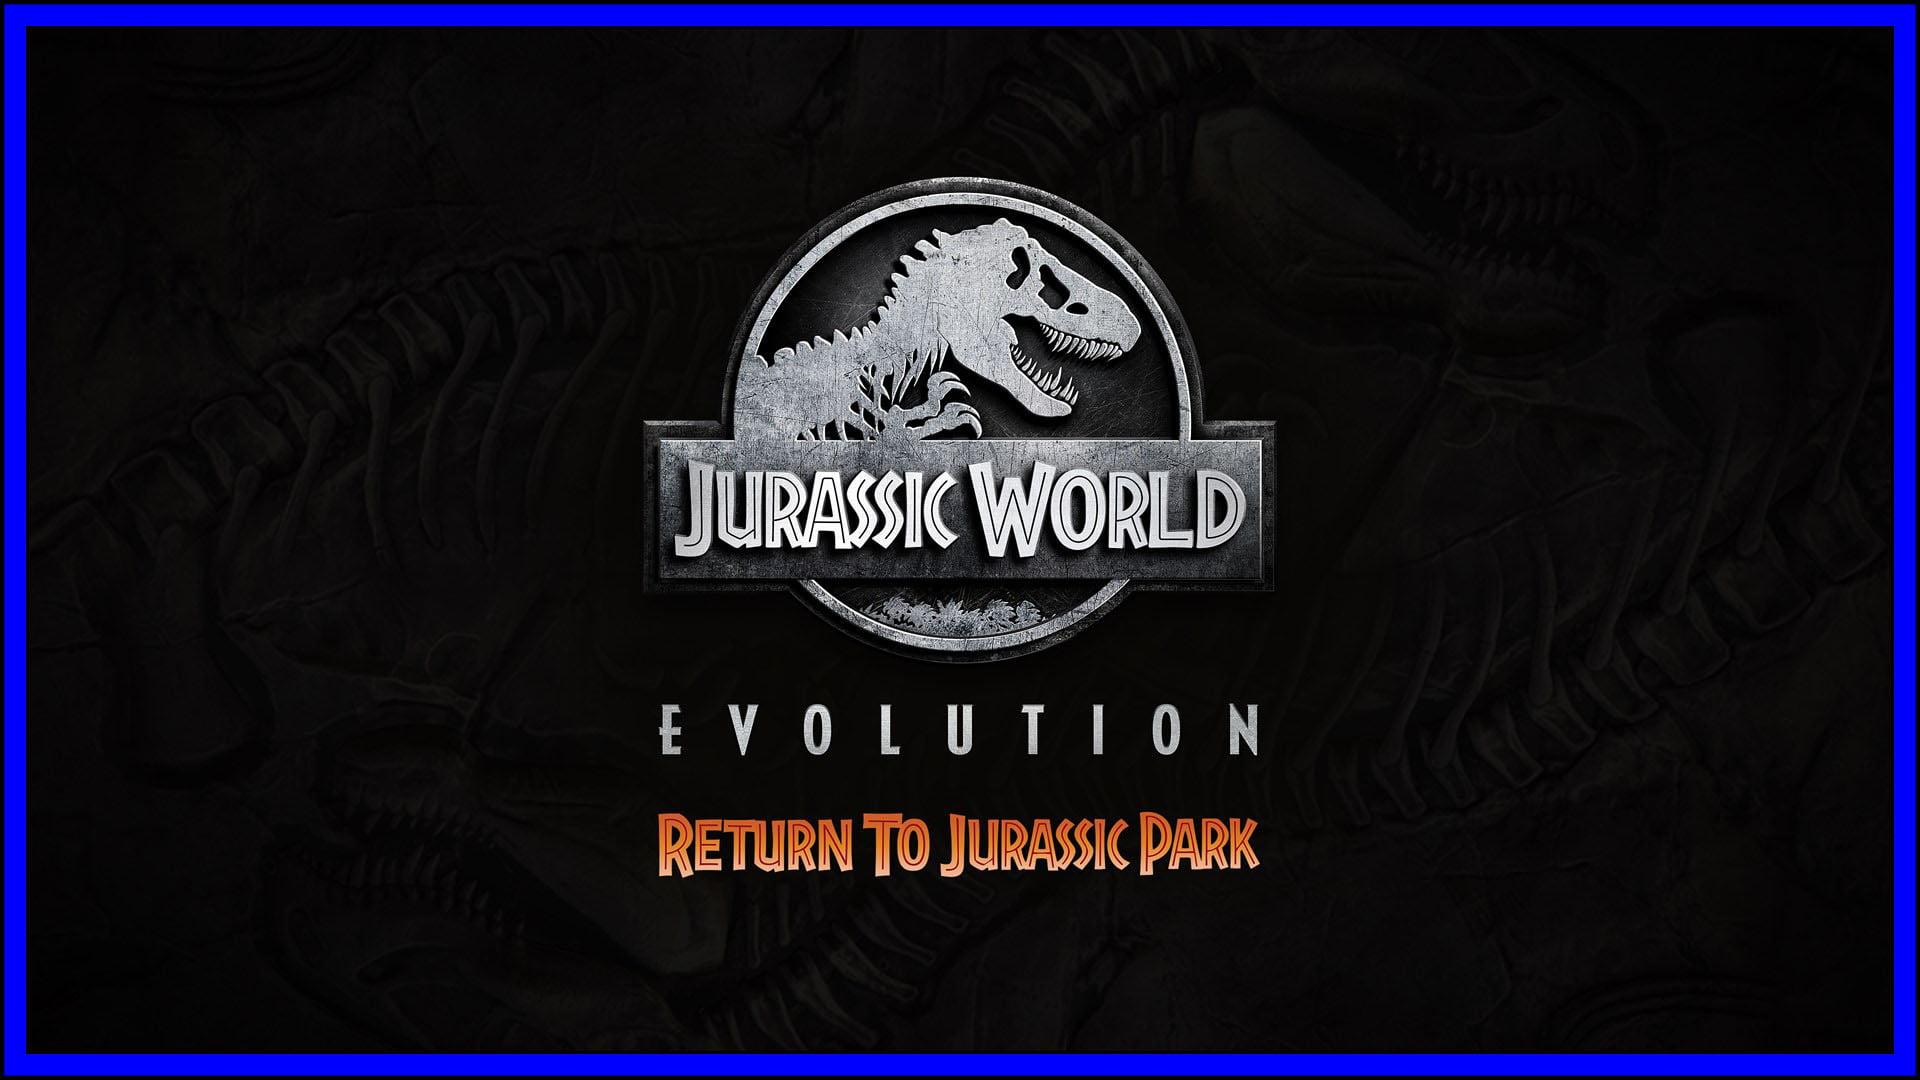 Jurassic World Return To Jurassic Park Fi3